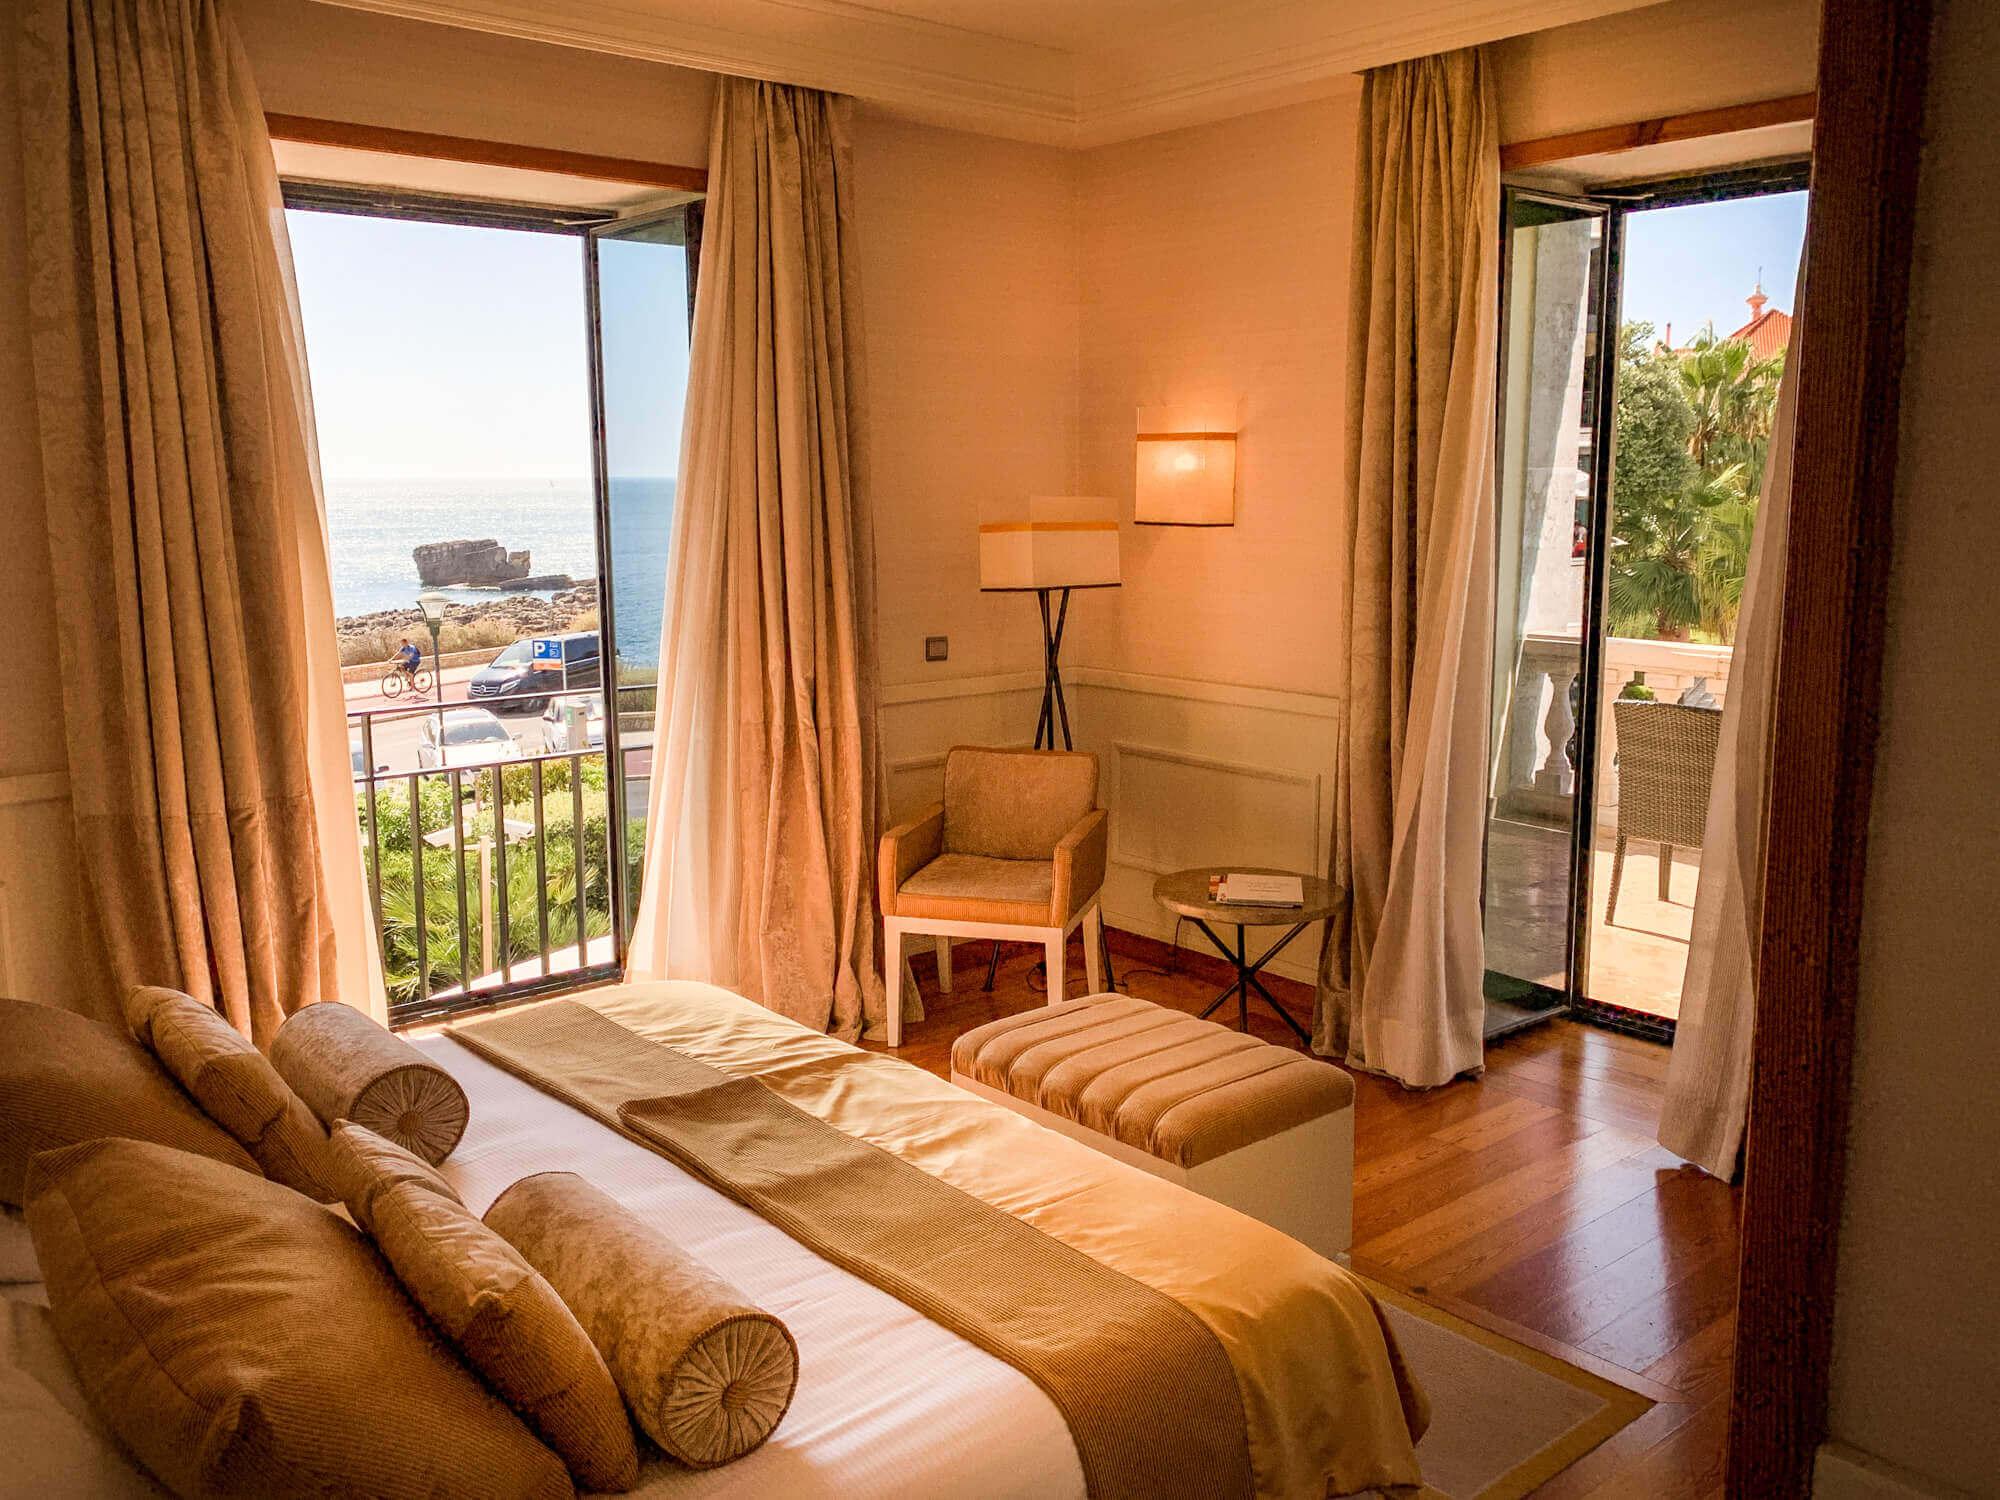 Villa Italia Cascais suite view